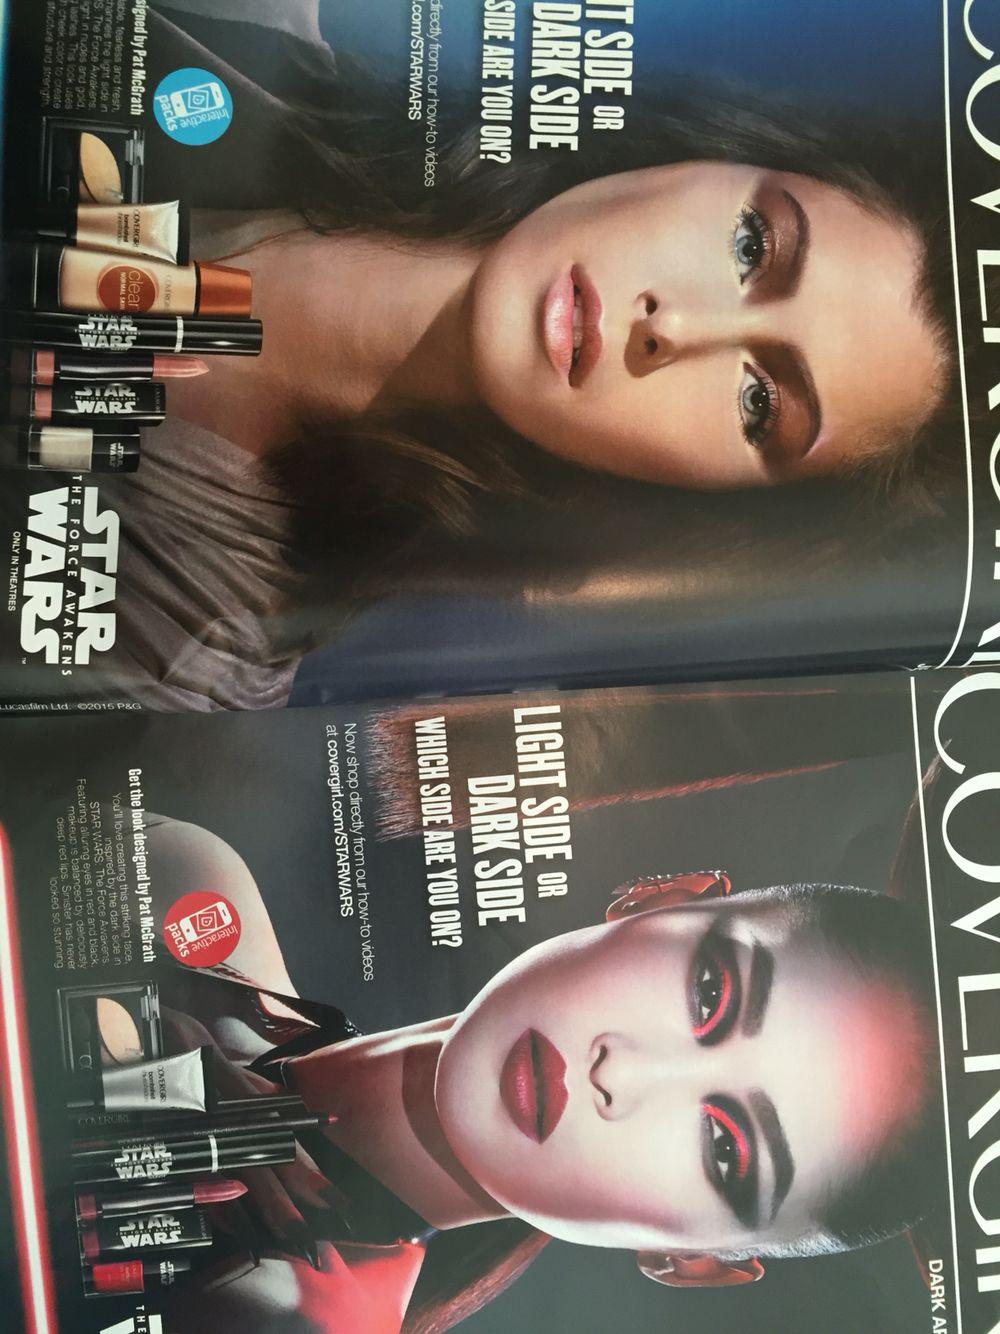 Star wars Make up